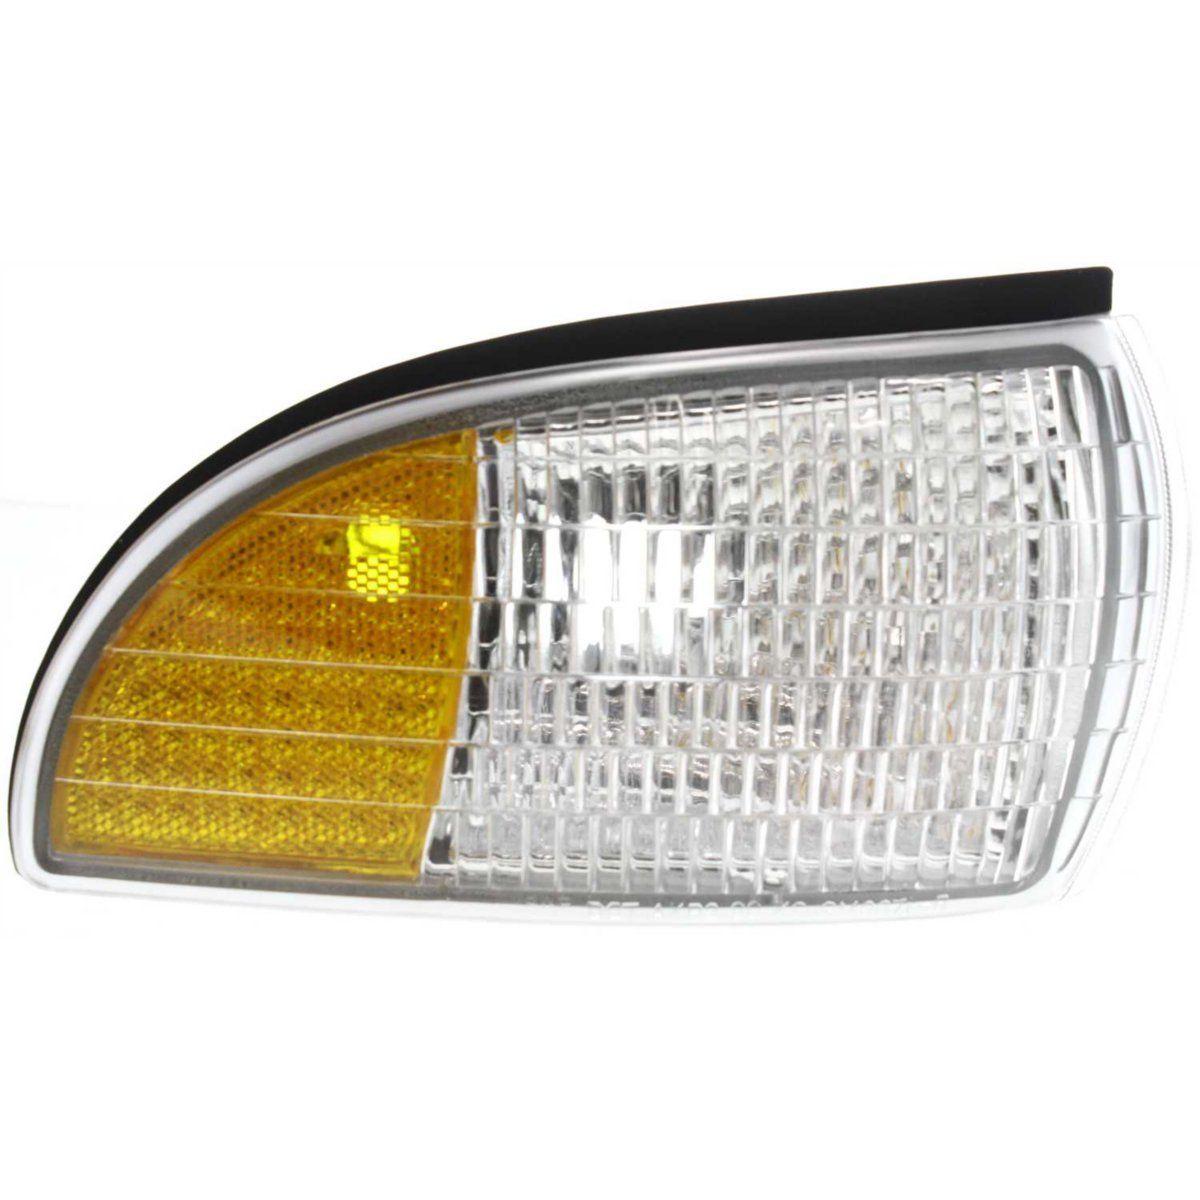 コーナーライト New Side Marker Corner Lamp Parking Light Cornerlight Front Passenger Right Olds 新しいサイドマーカーコーナーランプパーキングライトコーナーライトフロント旅客ライトオールド